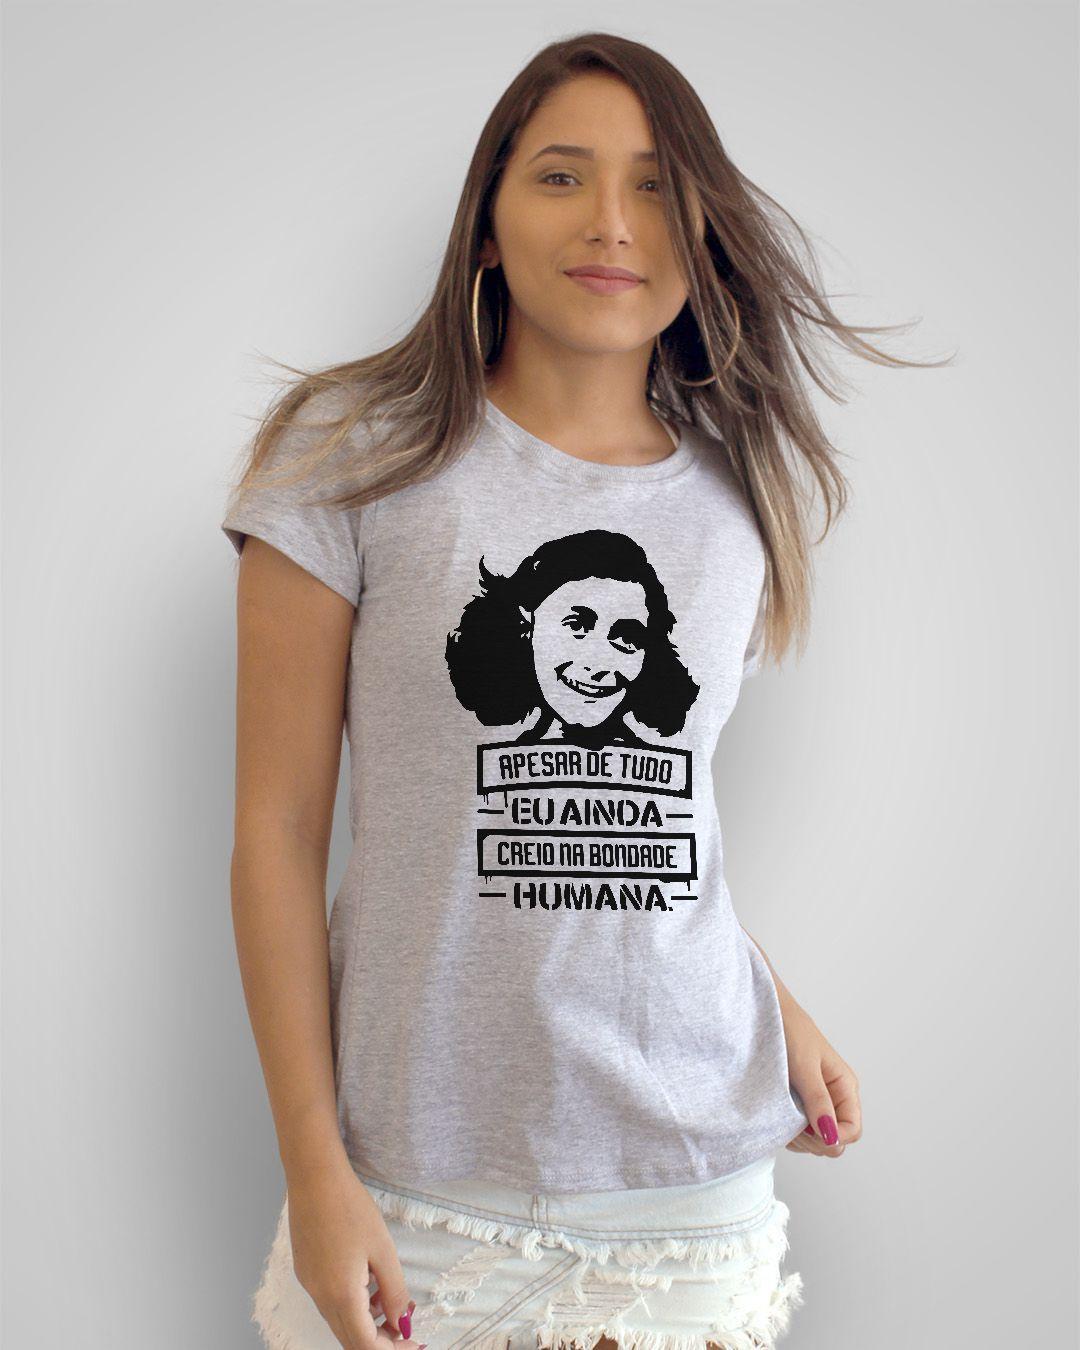 Camiseta Apesar de tudo, ainda creio na bondade humana